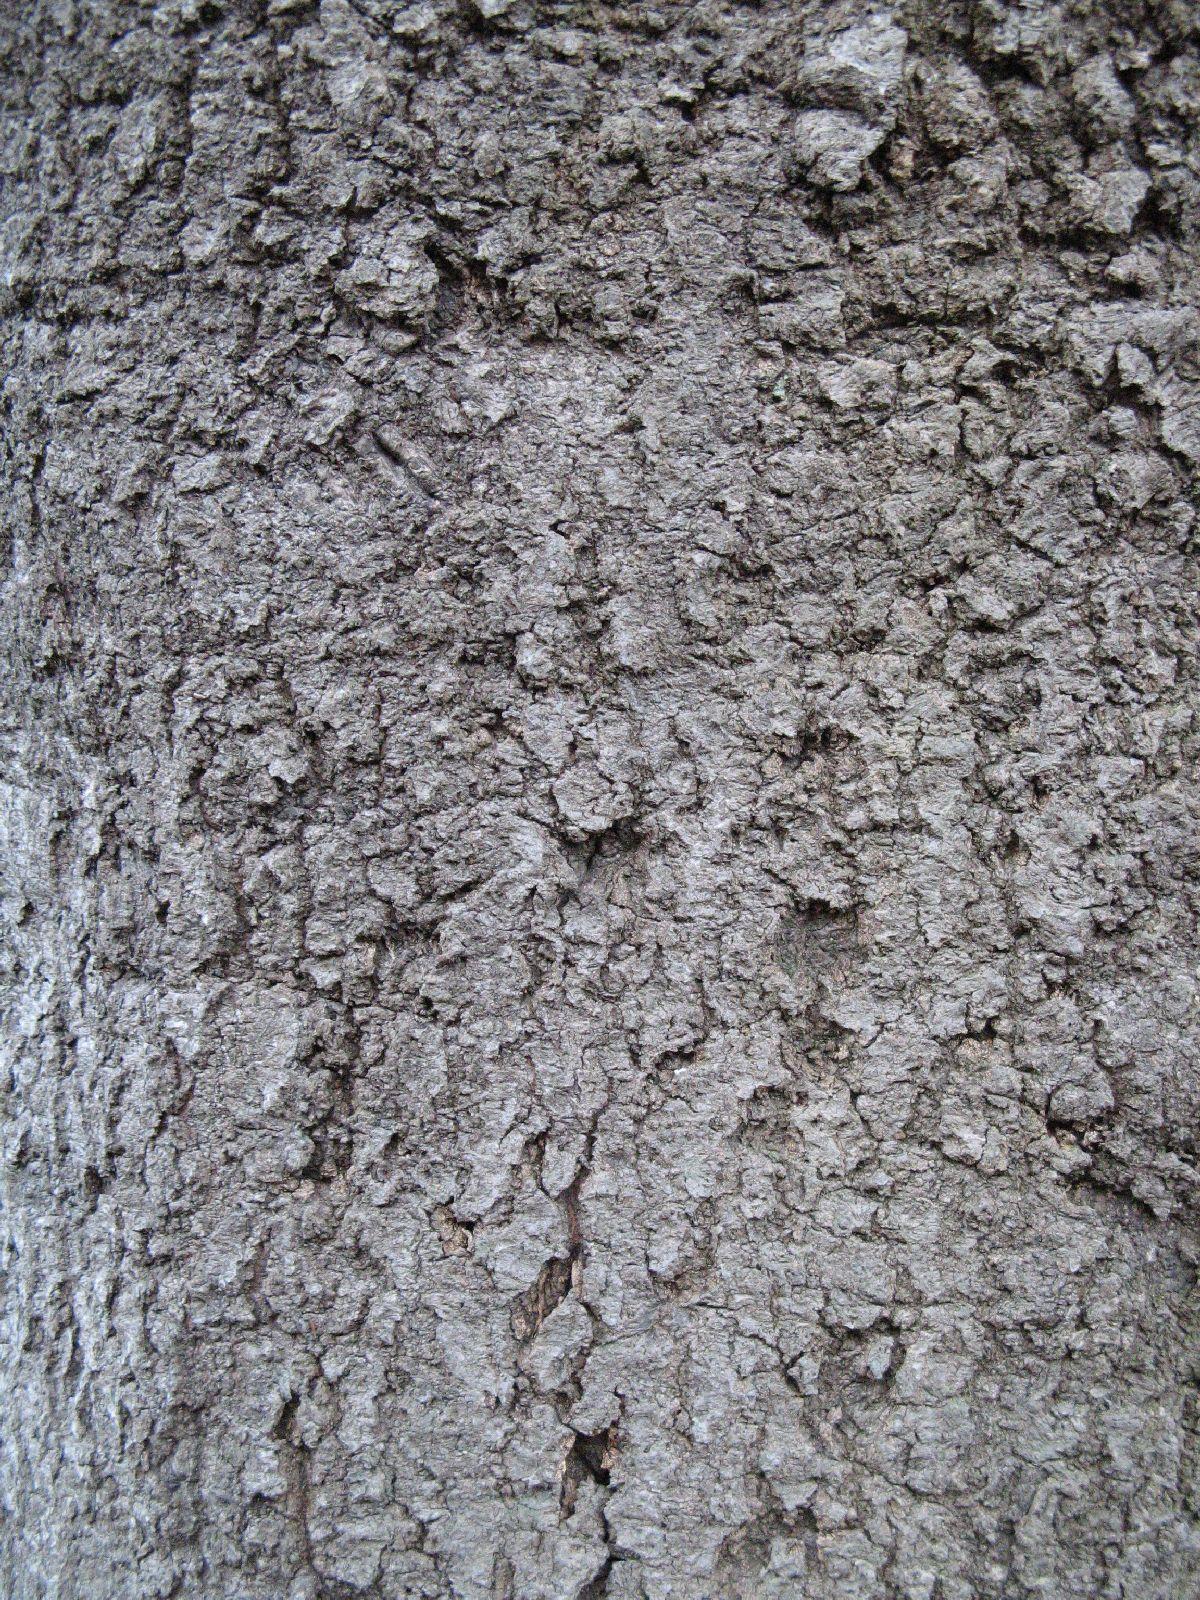 Baum-Rinde_Texturs_B_27250